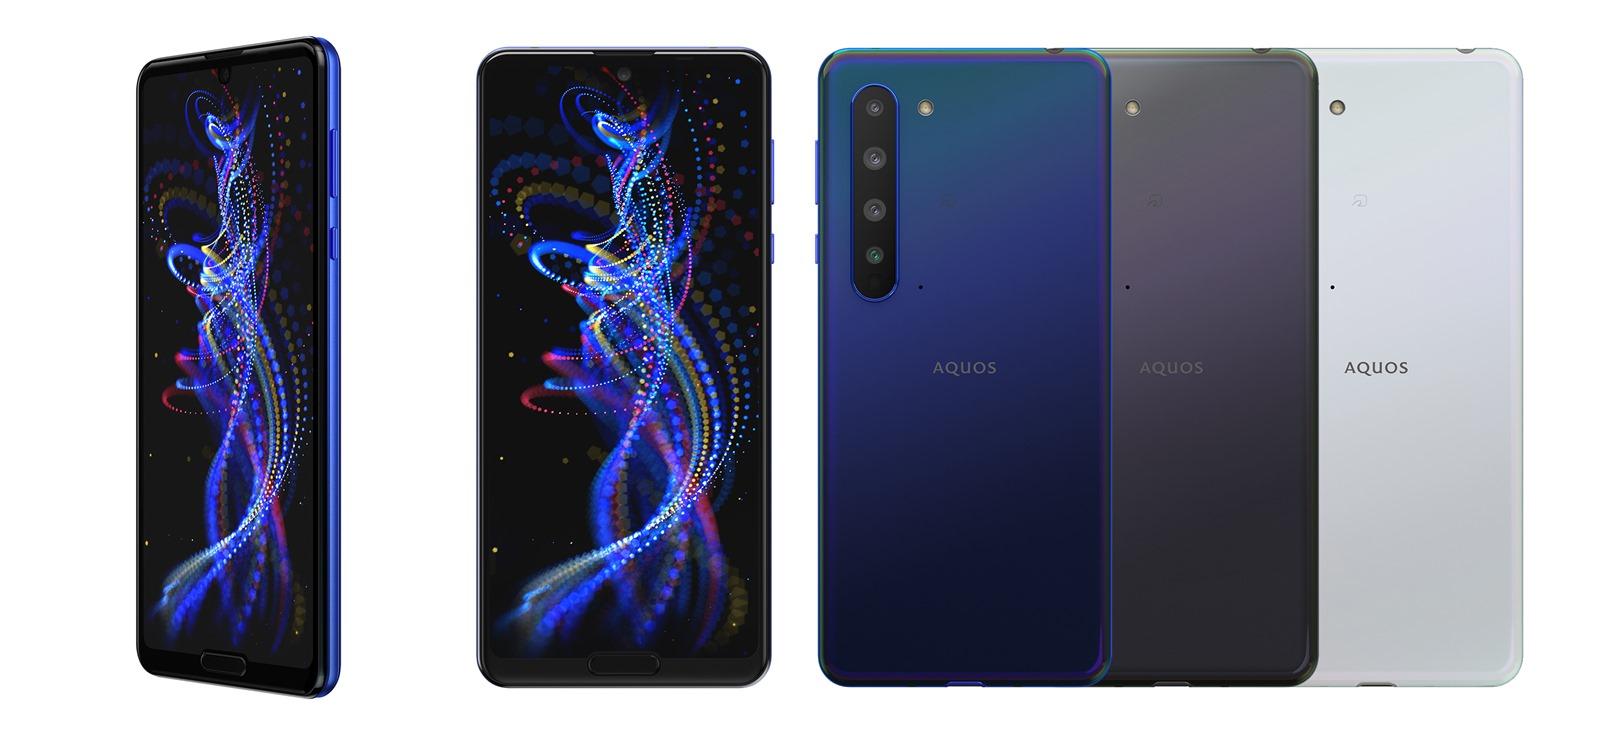 夏普首推最高規格 5G 智慧手機 AQUOS R5G!採用 S865 + 4K Pro IGZO 螢幕 + 8K 拍攝支援 – 3C 達人廖阿輝